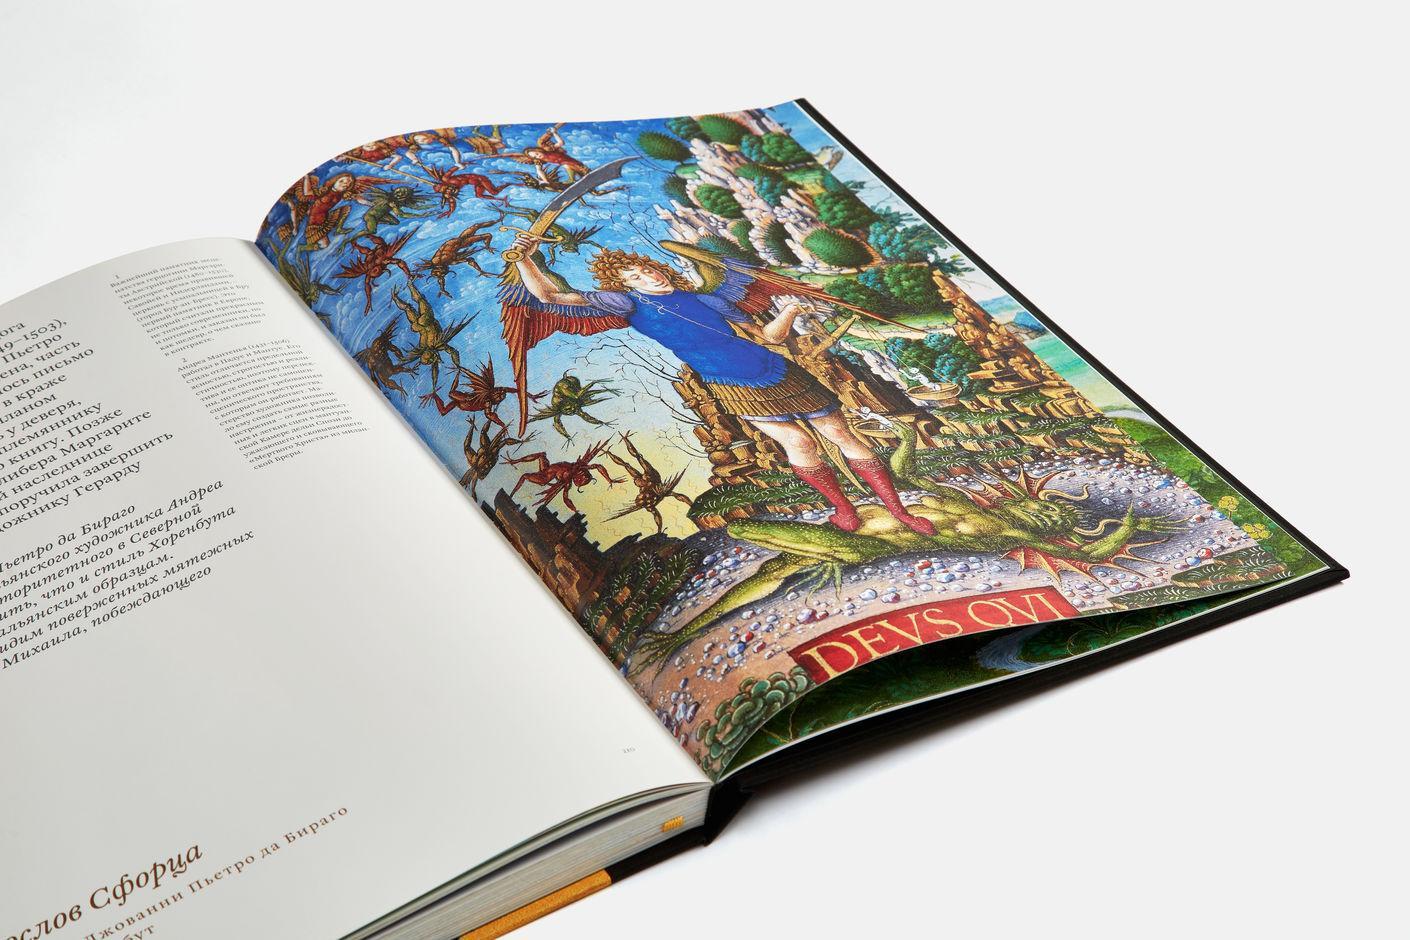 Сто удивительных манускриптов, Агей Томеш, Лаборатория дизайна НИУ ВШЭ